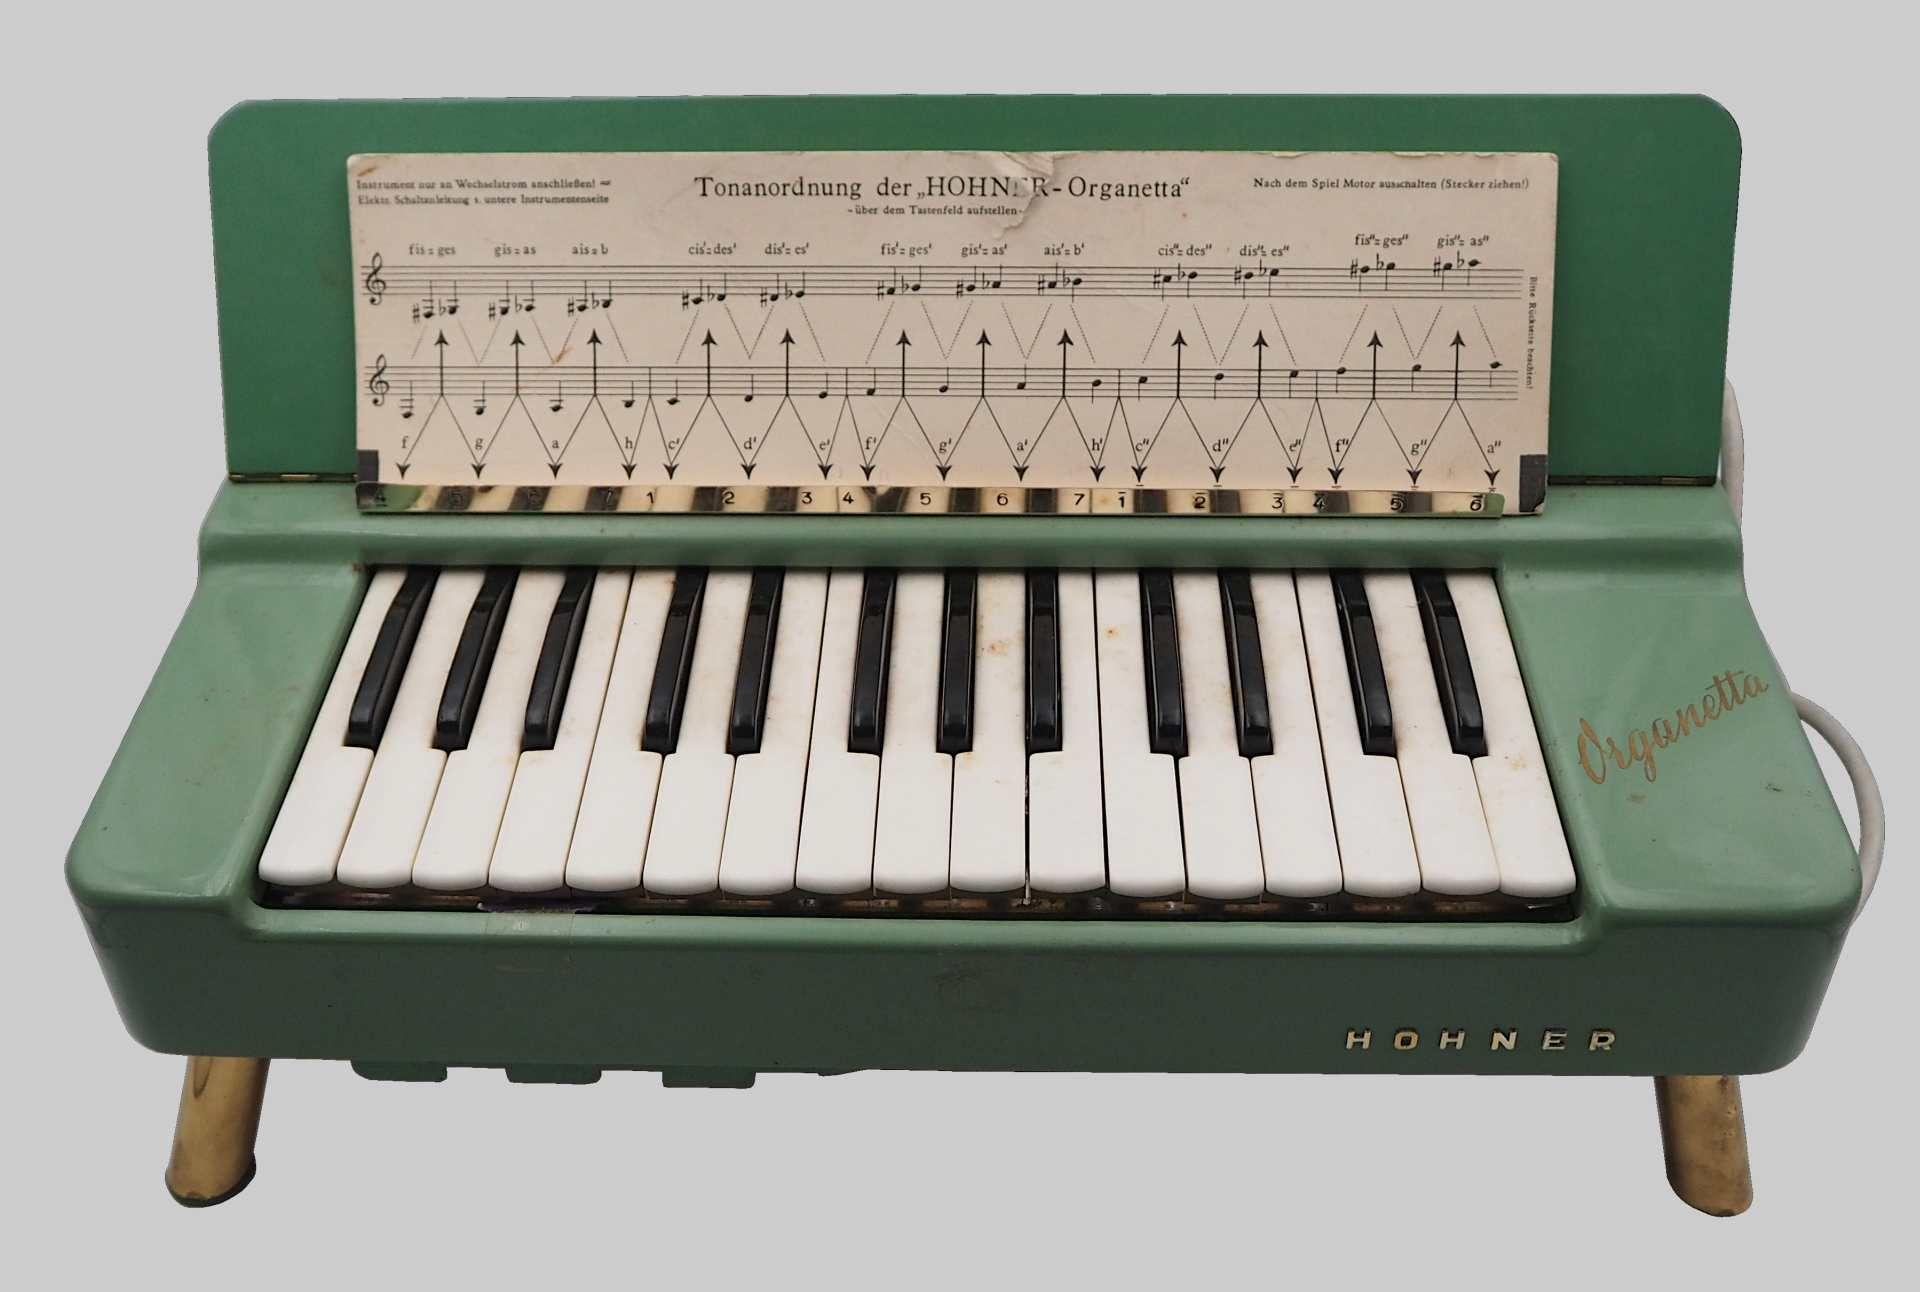 """1 Tischorgel HOHNER """"Organetta"""" wohl um 1958 Korpus lackierte Fichte, 29 Tasten, für"""